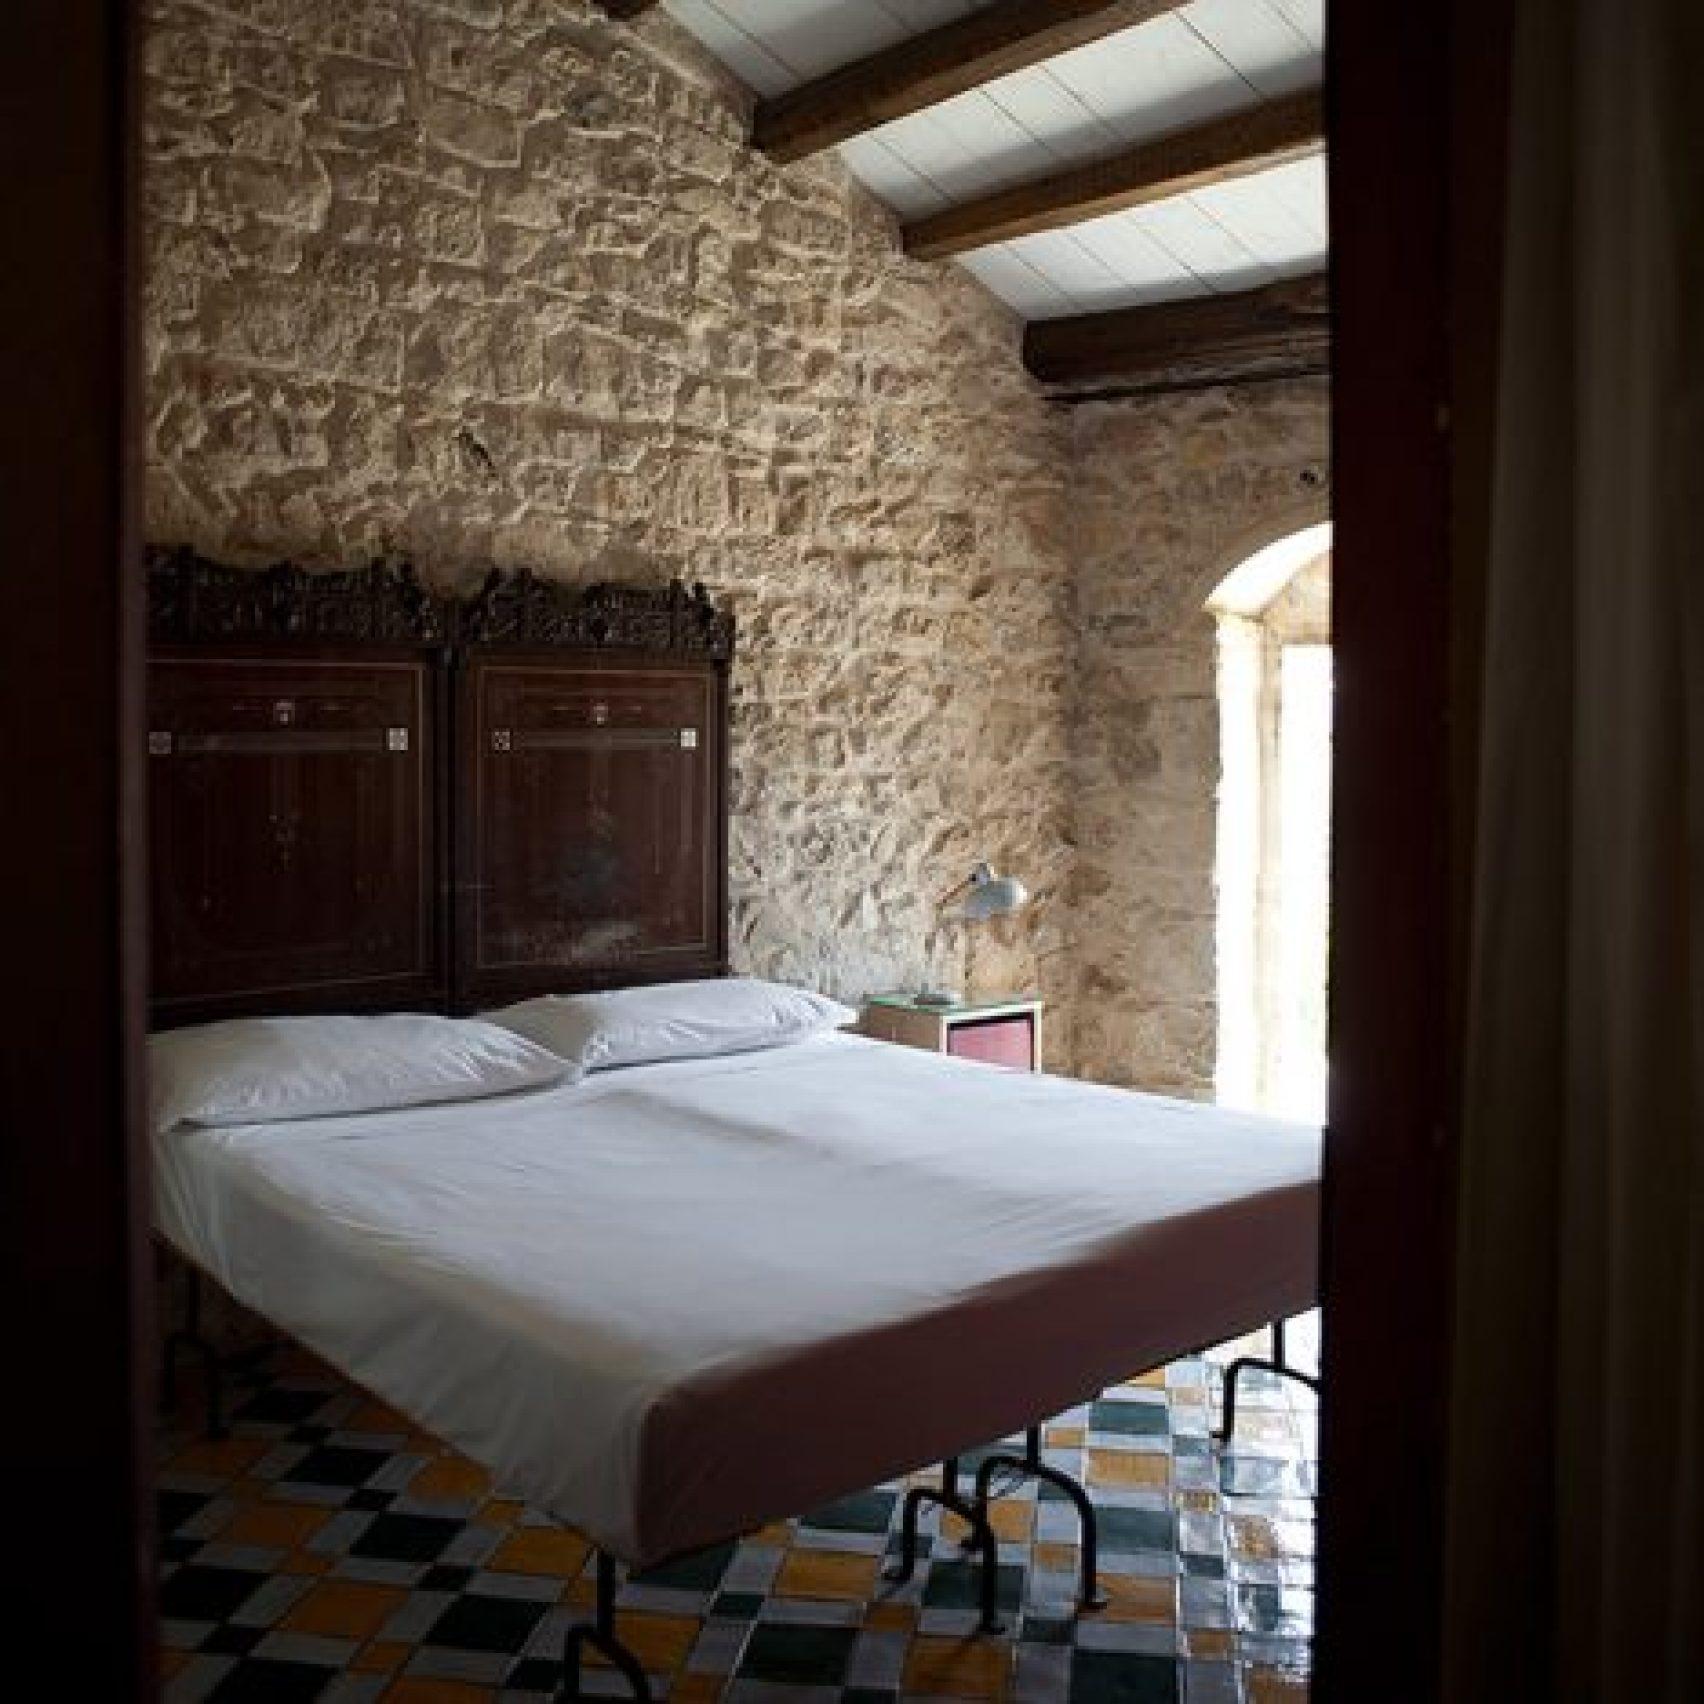 hotel-room-interiors-dezeen-pinterest-boards_dezeen_1704_col_12